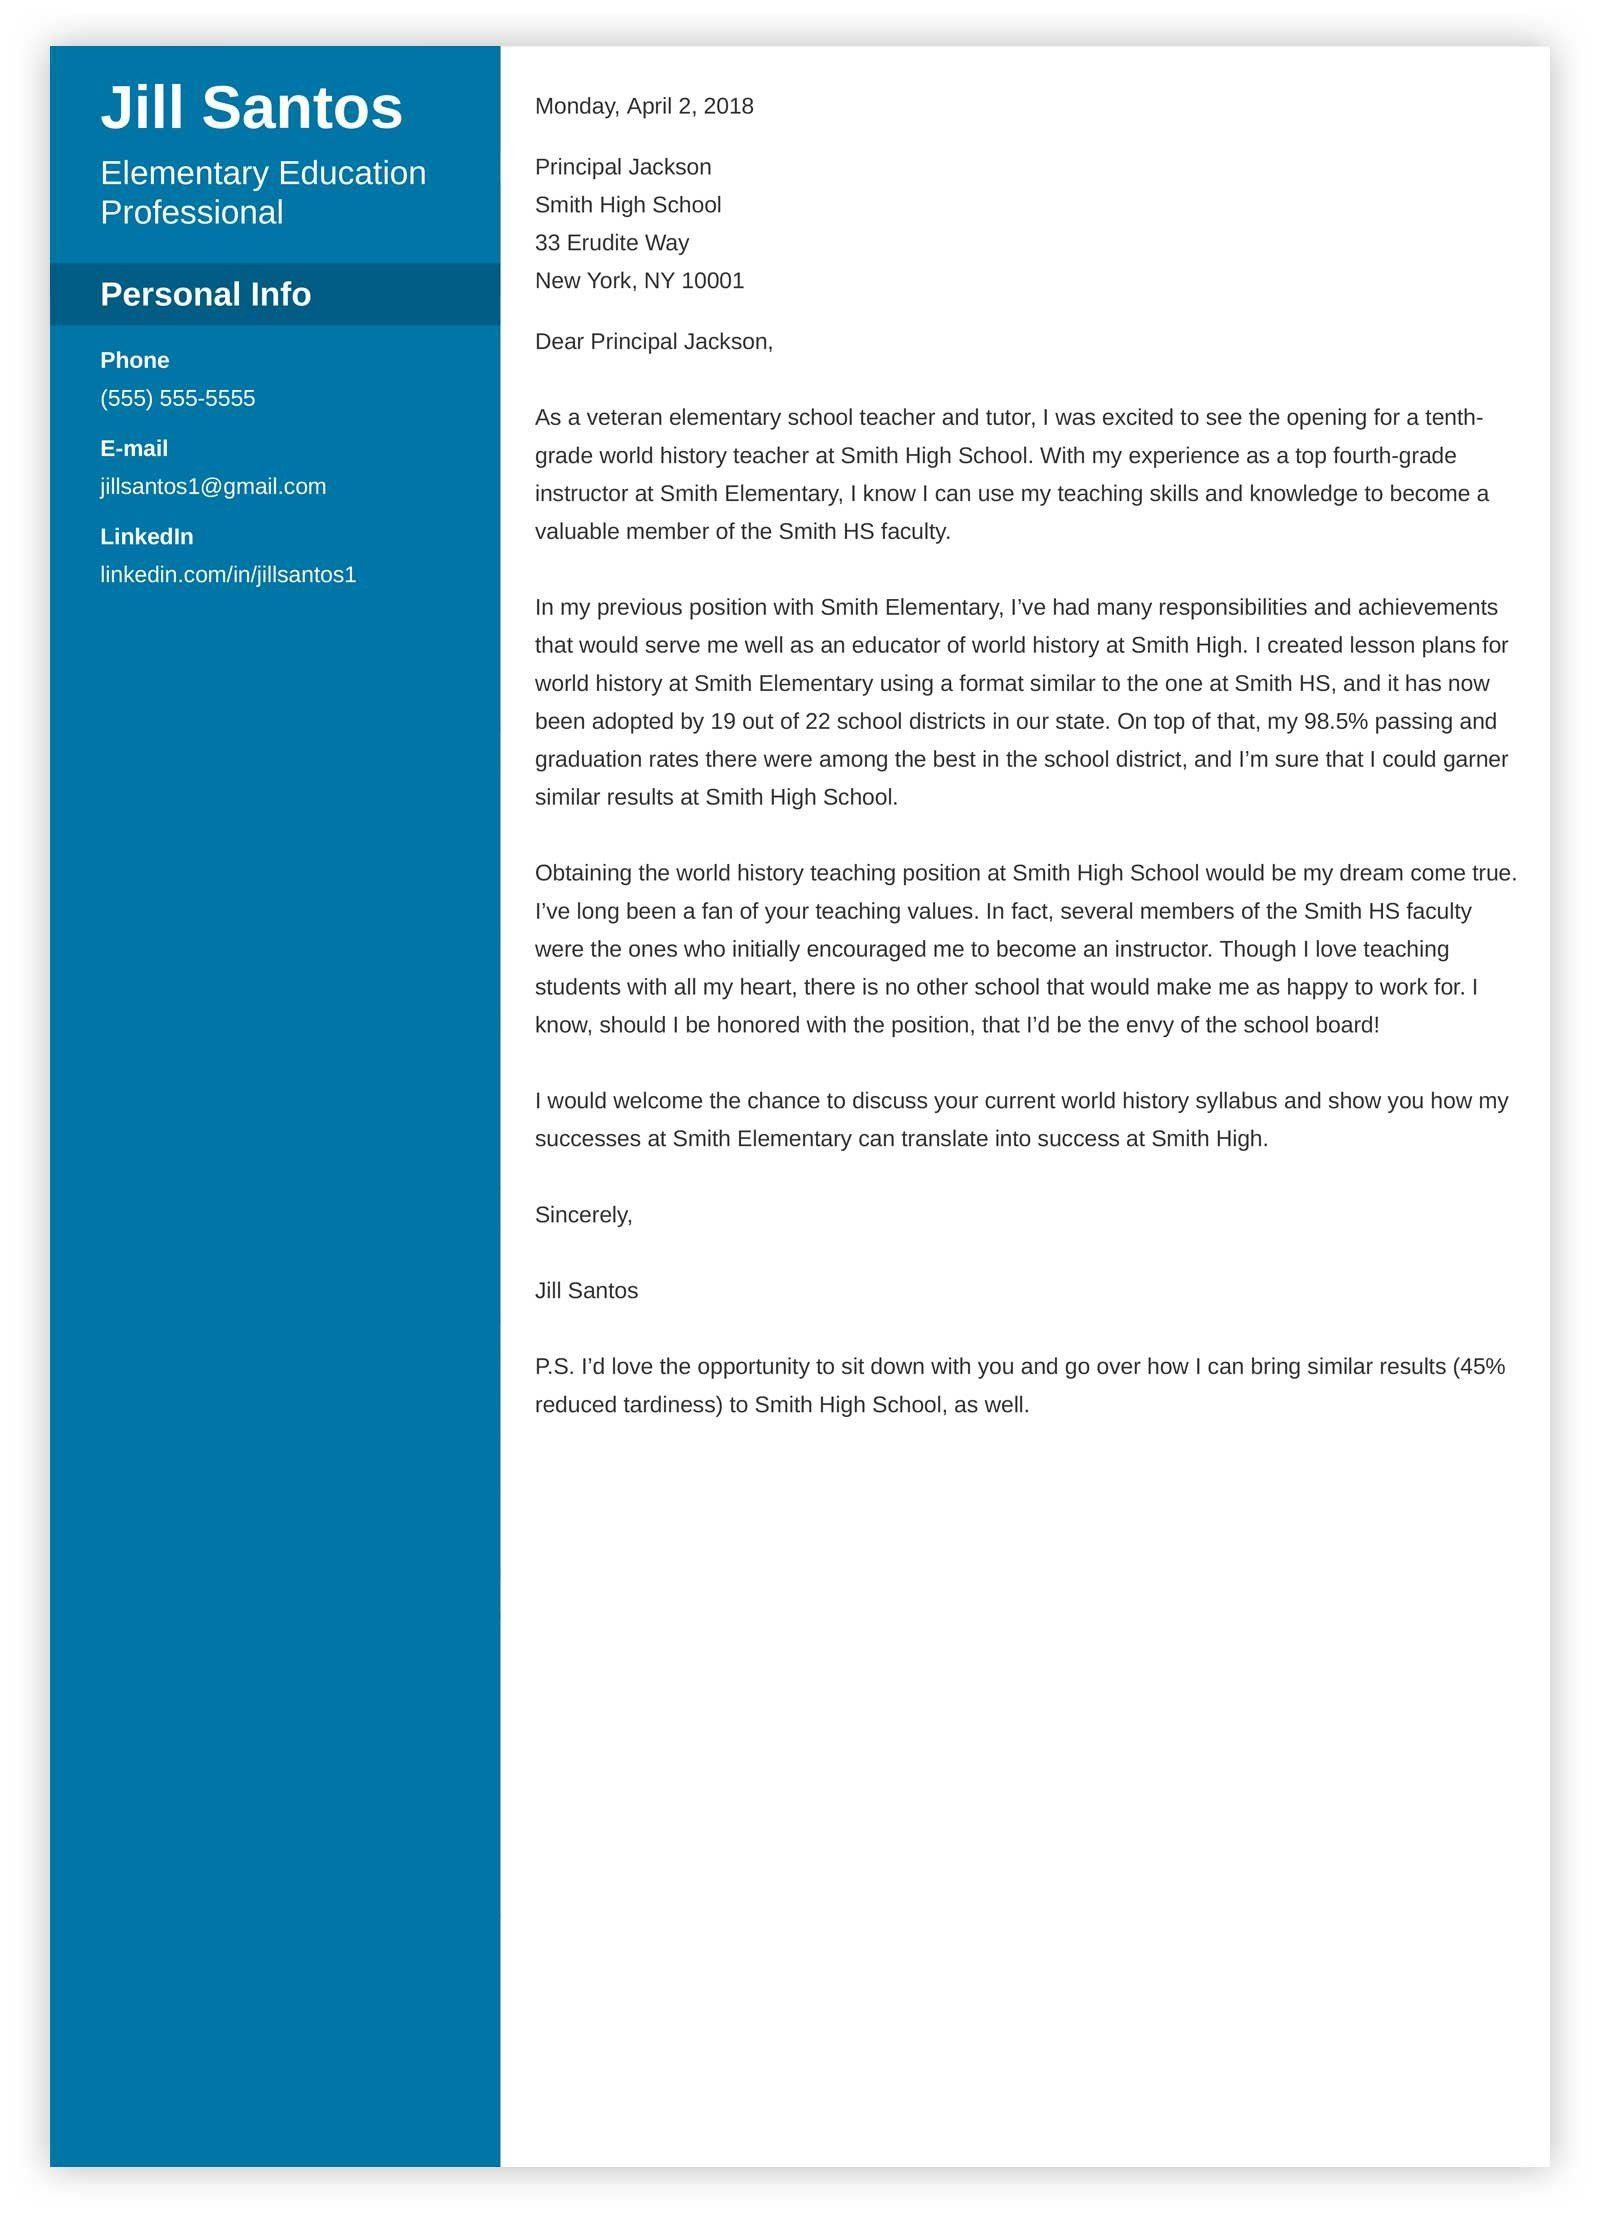 009 Wondrou Teacher Cover Letter Template Idea  Teaching JobFull